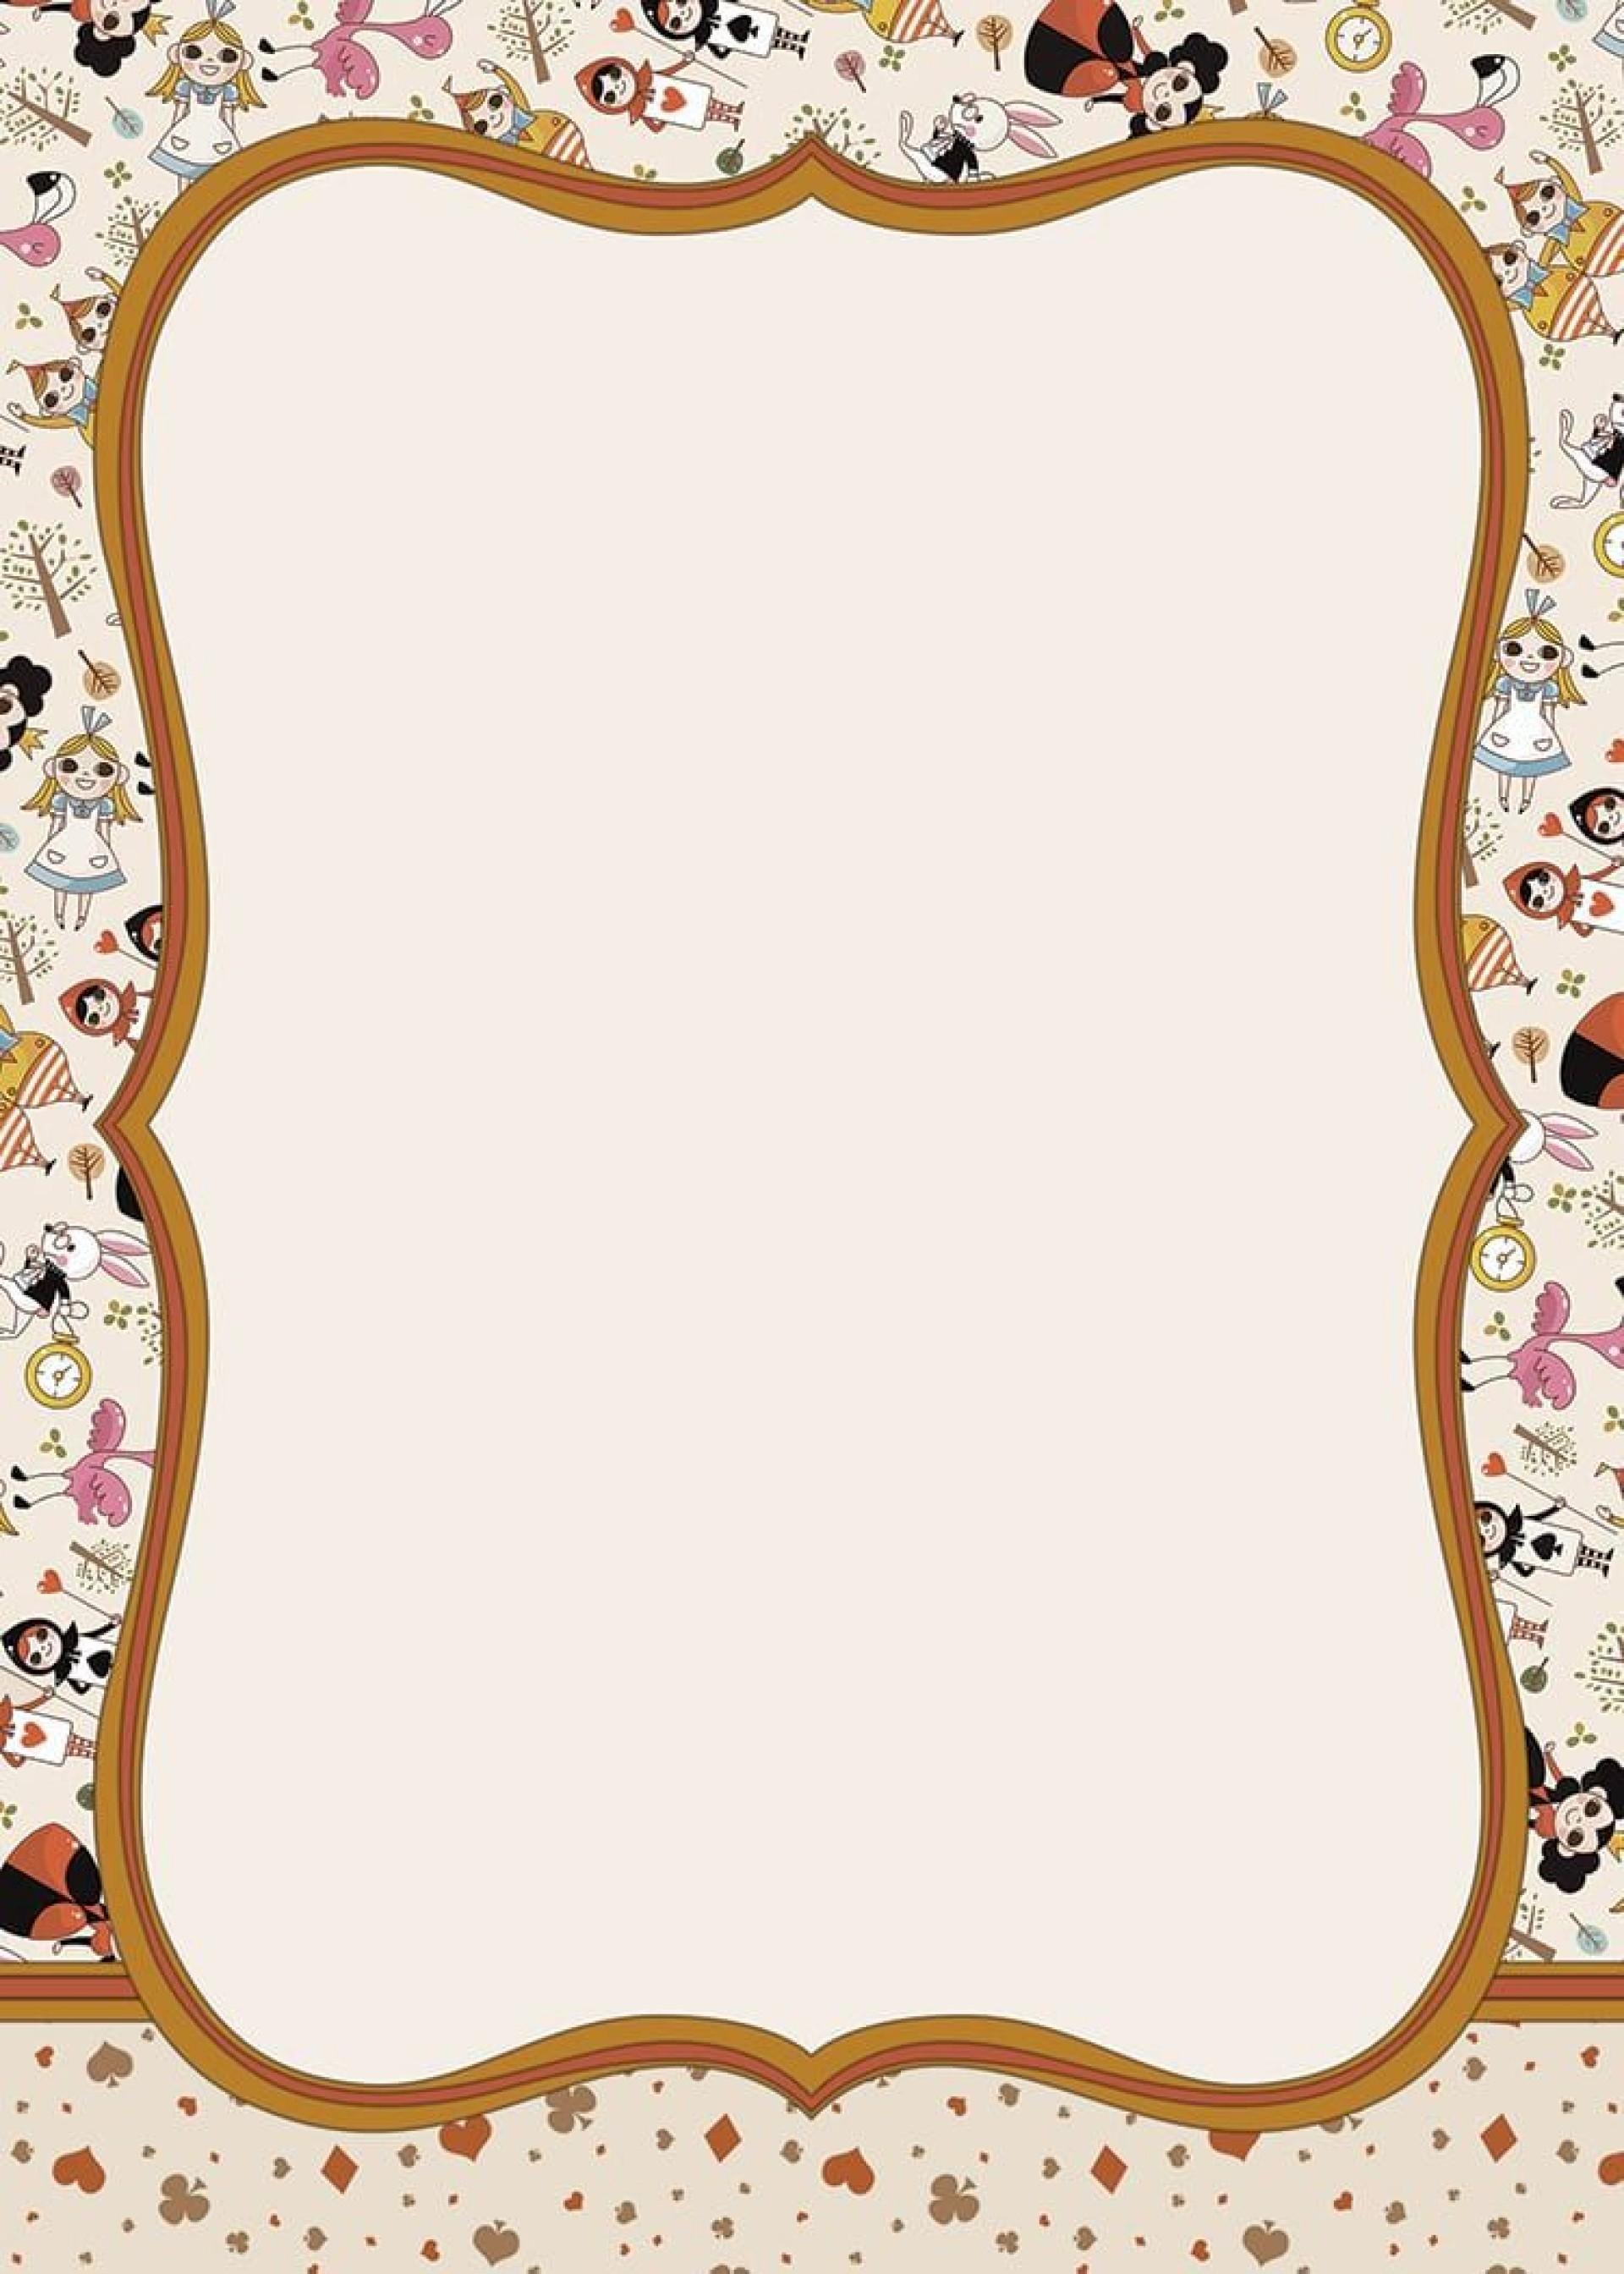 002 Stupendou Alice In Wonderland Invite Template Idea  Party Invitation Free1920